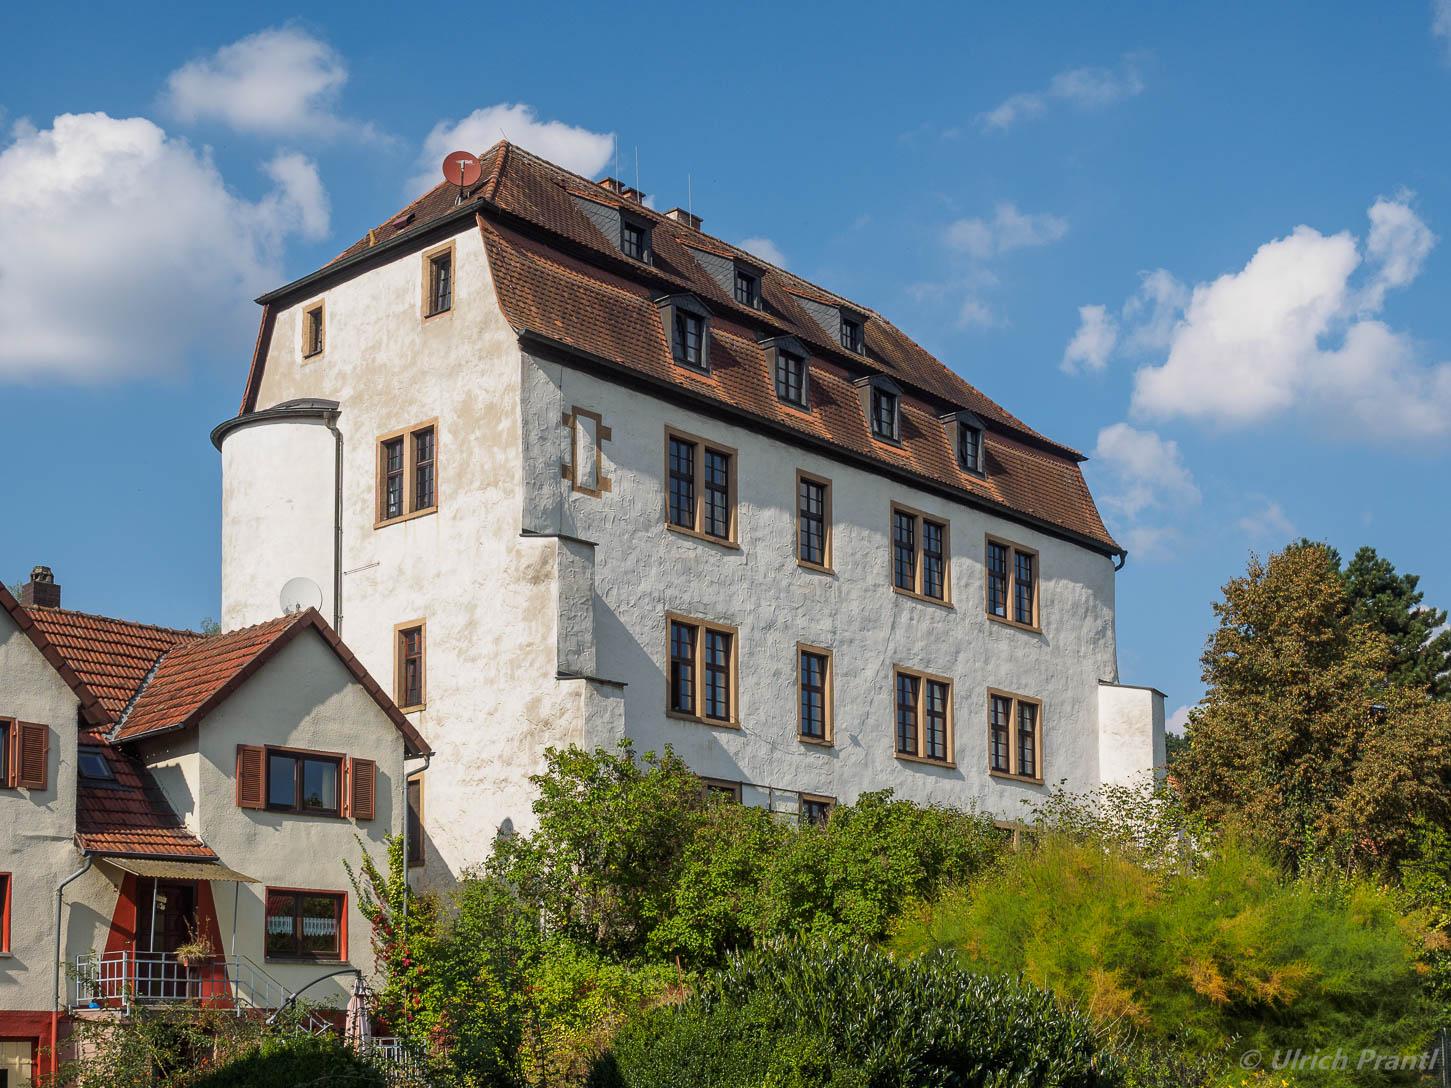 Altengronau Huttenschloss